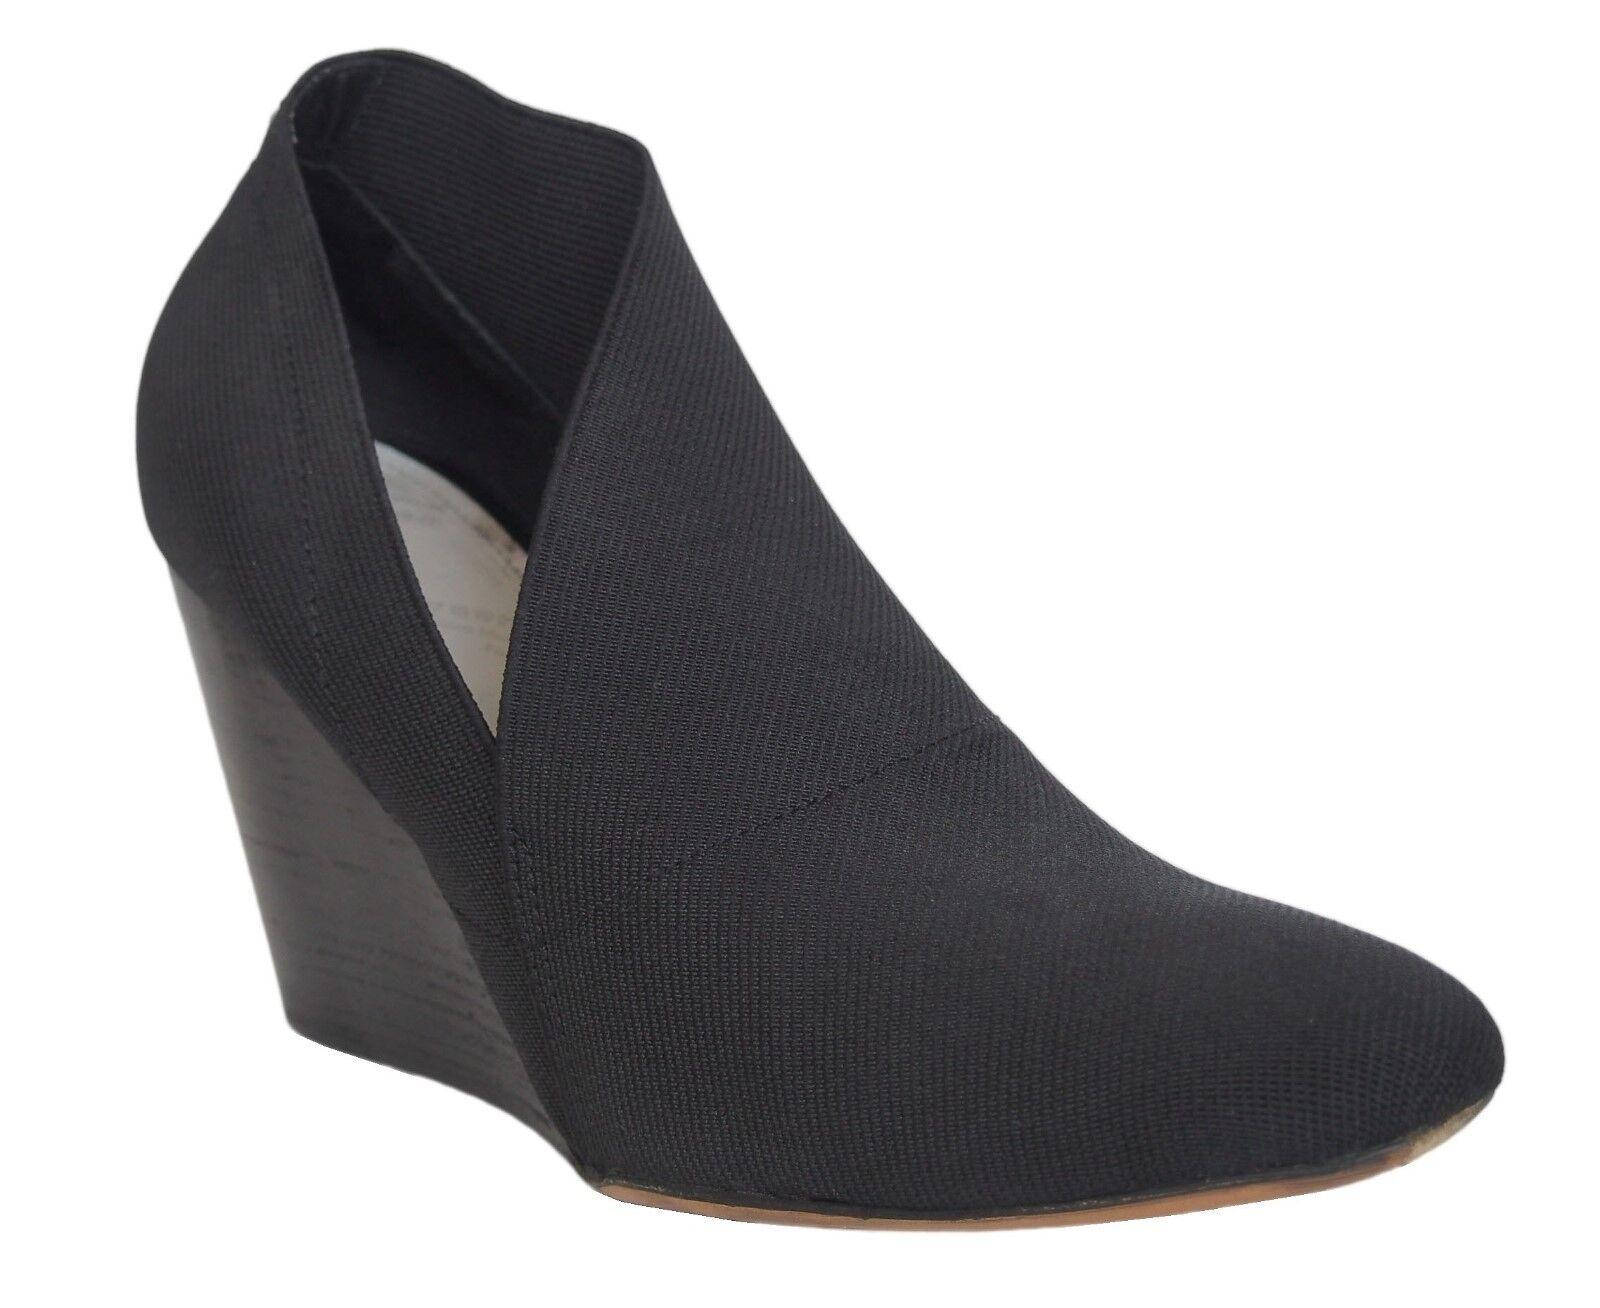 Maison Martin Margiela Women's Wedge Shoes Black … - image 1